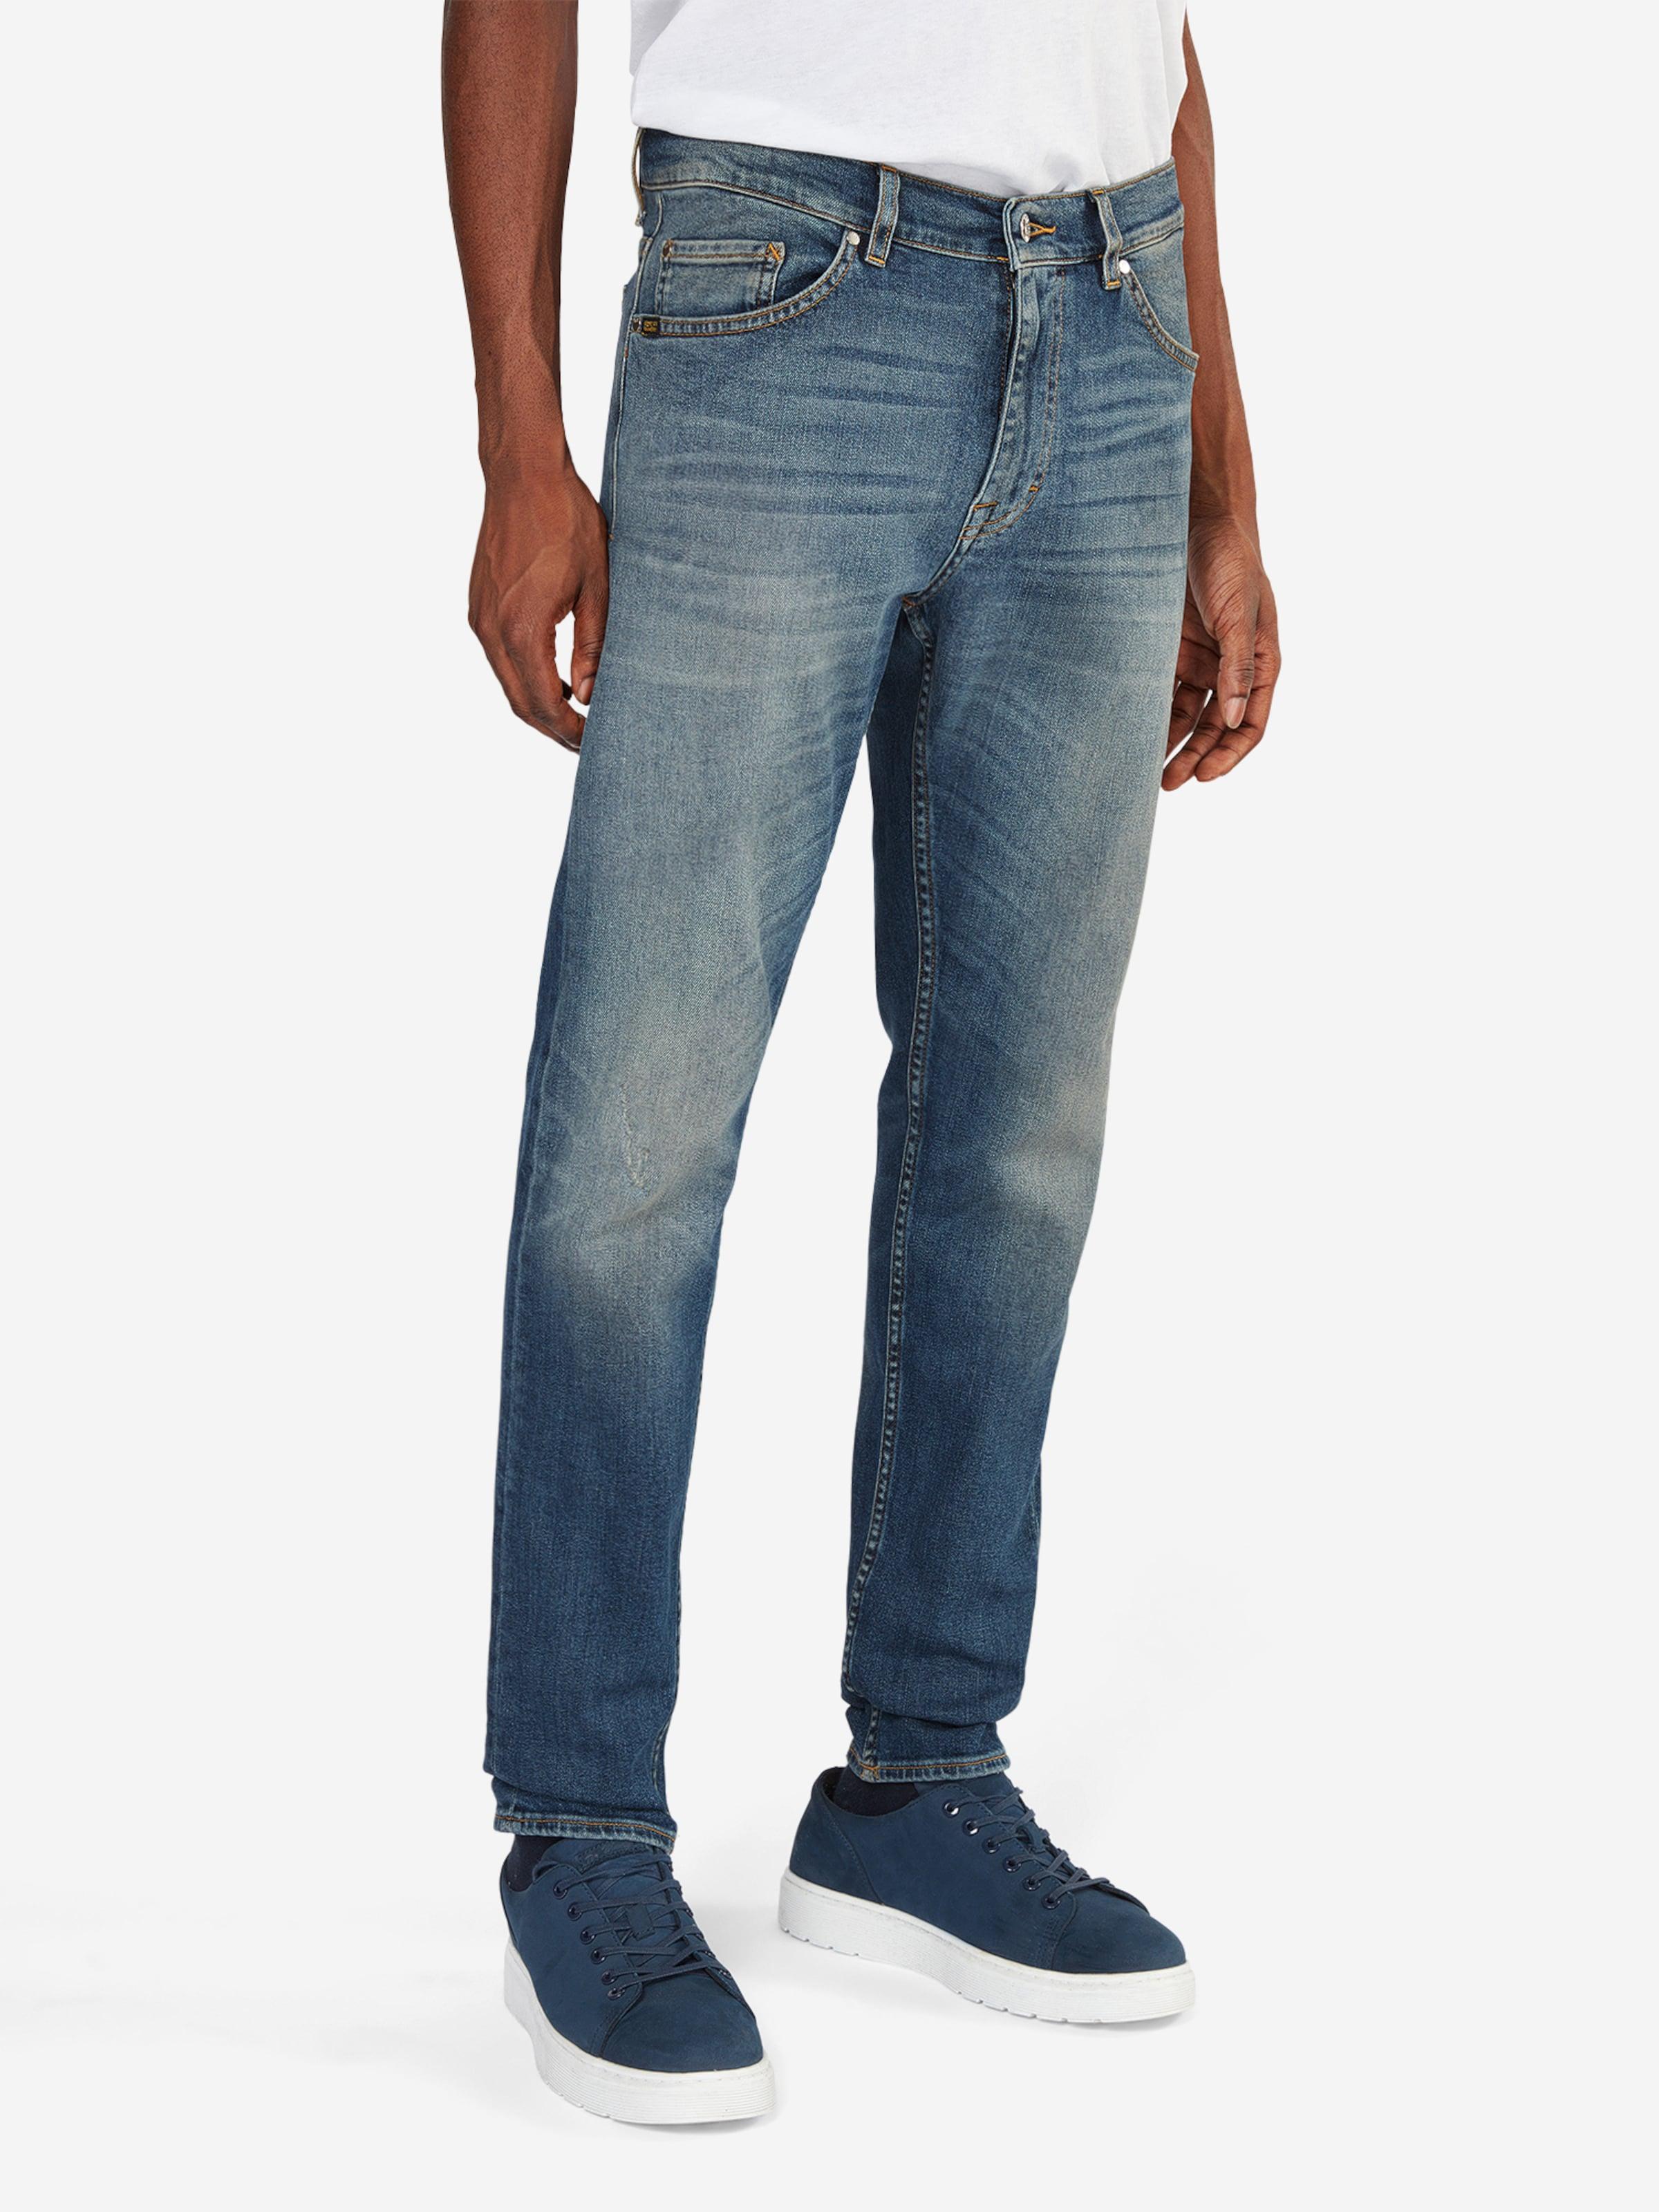 Tiger of Sweden Jeans 'Evolve'